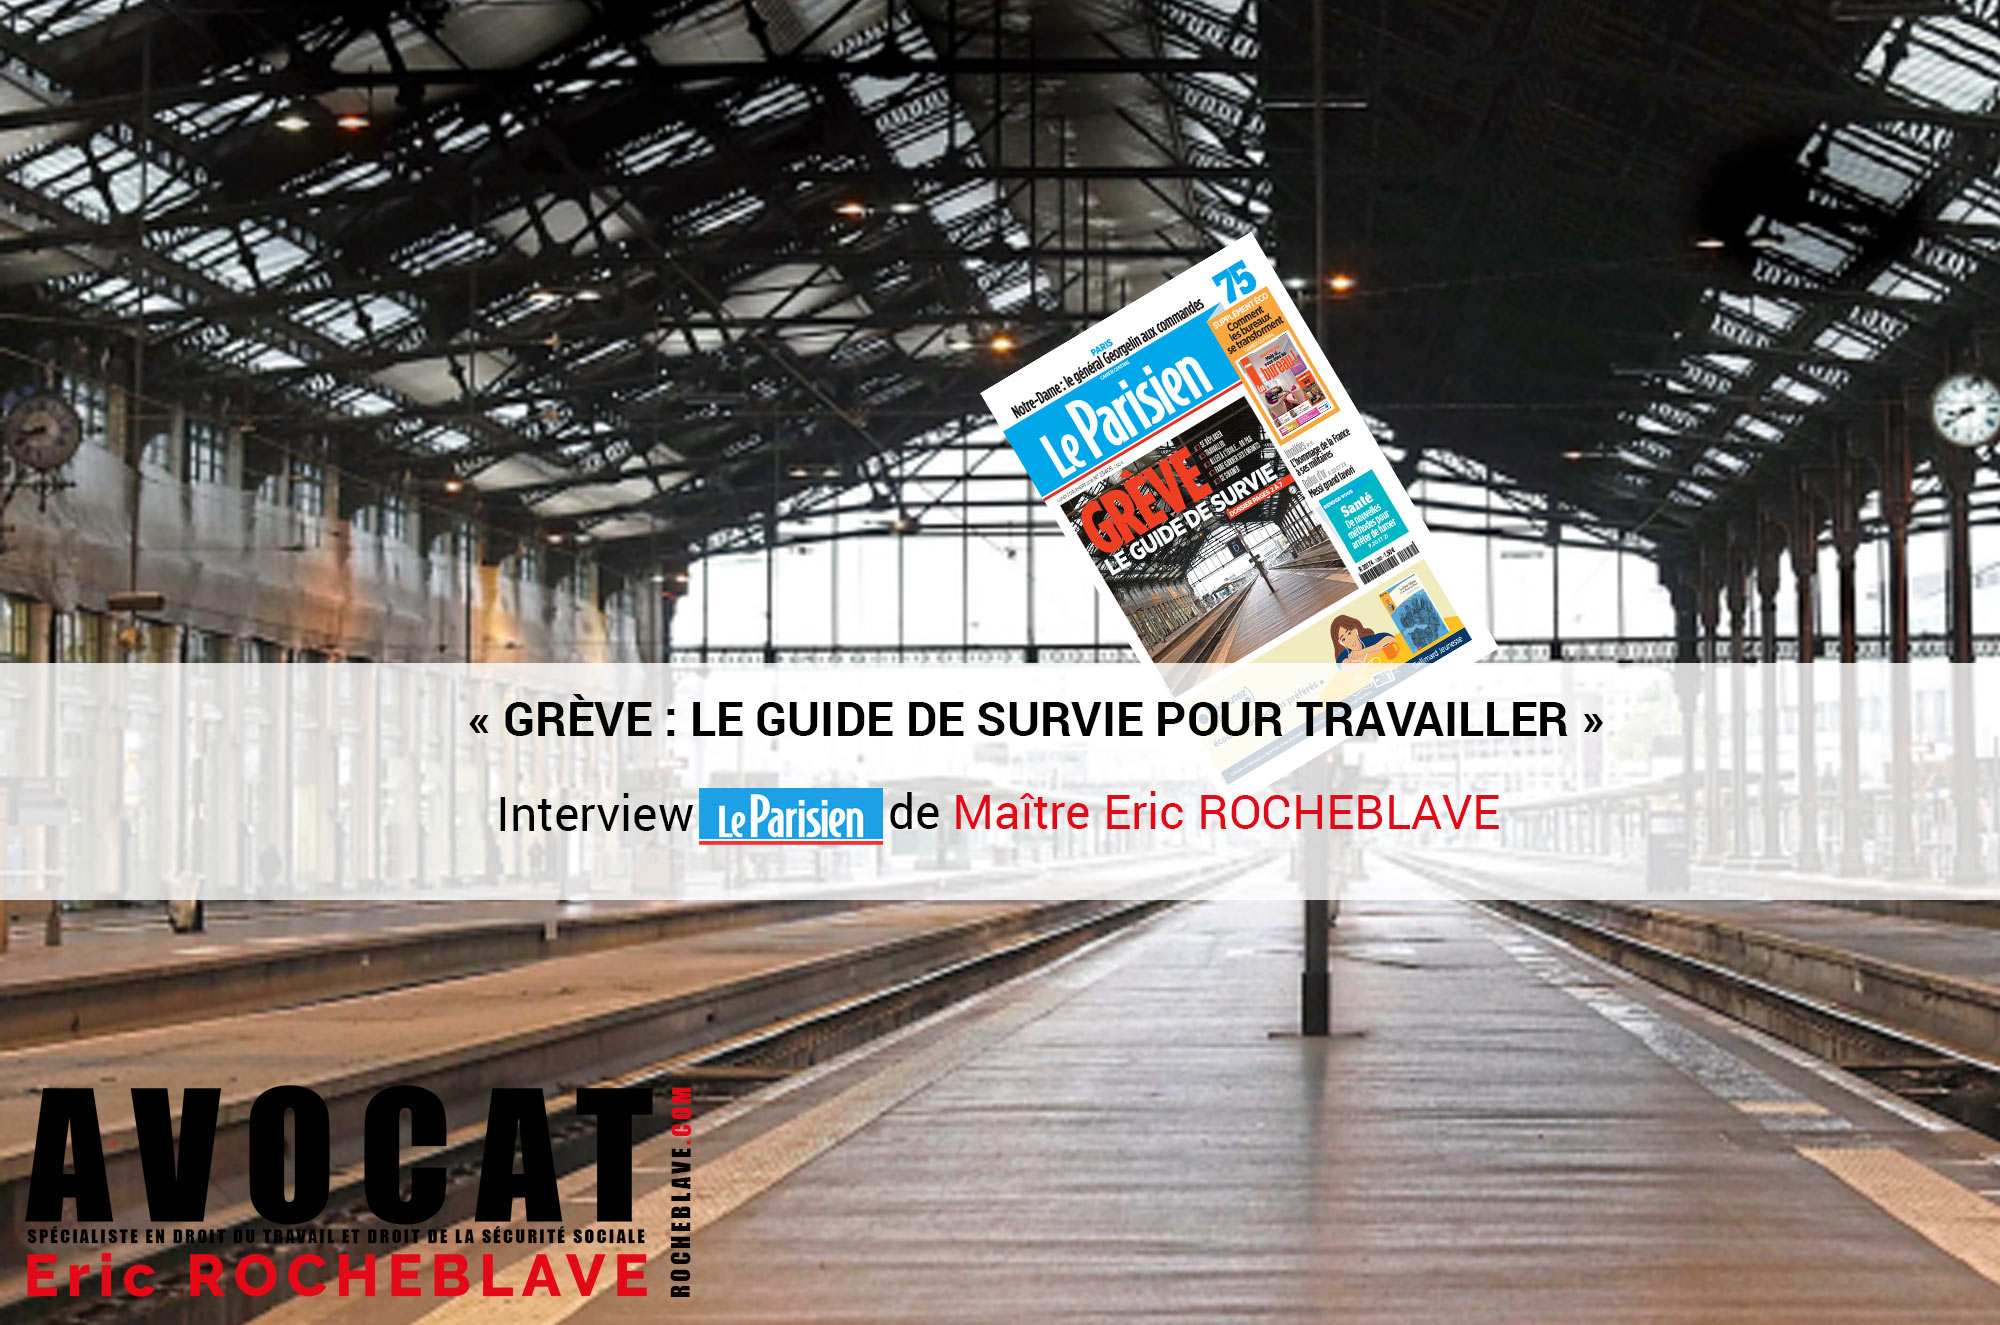 « GRÈVE : LE GUIDE DE SURVIE POUR TRAVAILLER » Interview Le Parisien de Maître Eric ROCHEBLAVE